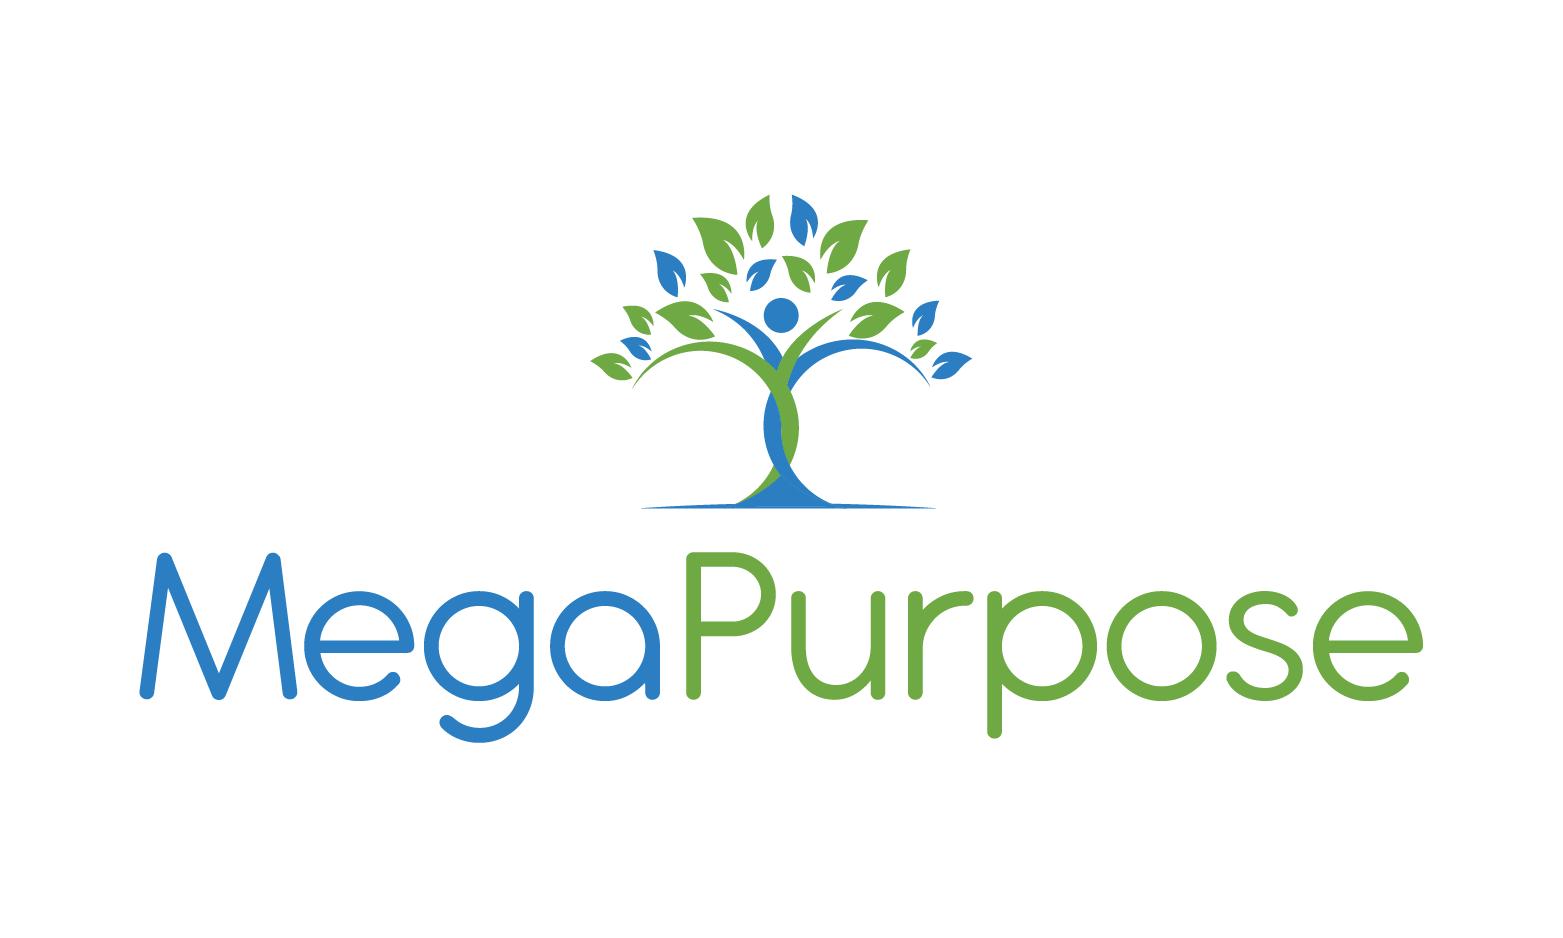 MegaPurpose.com